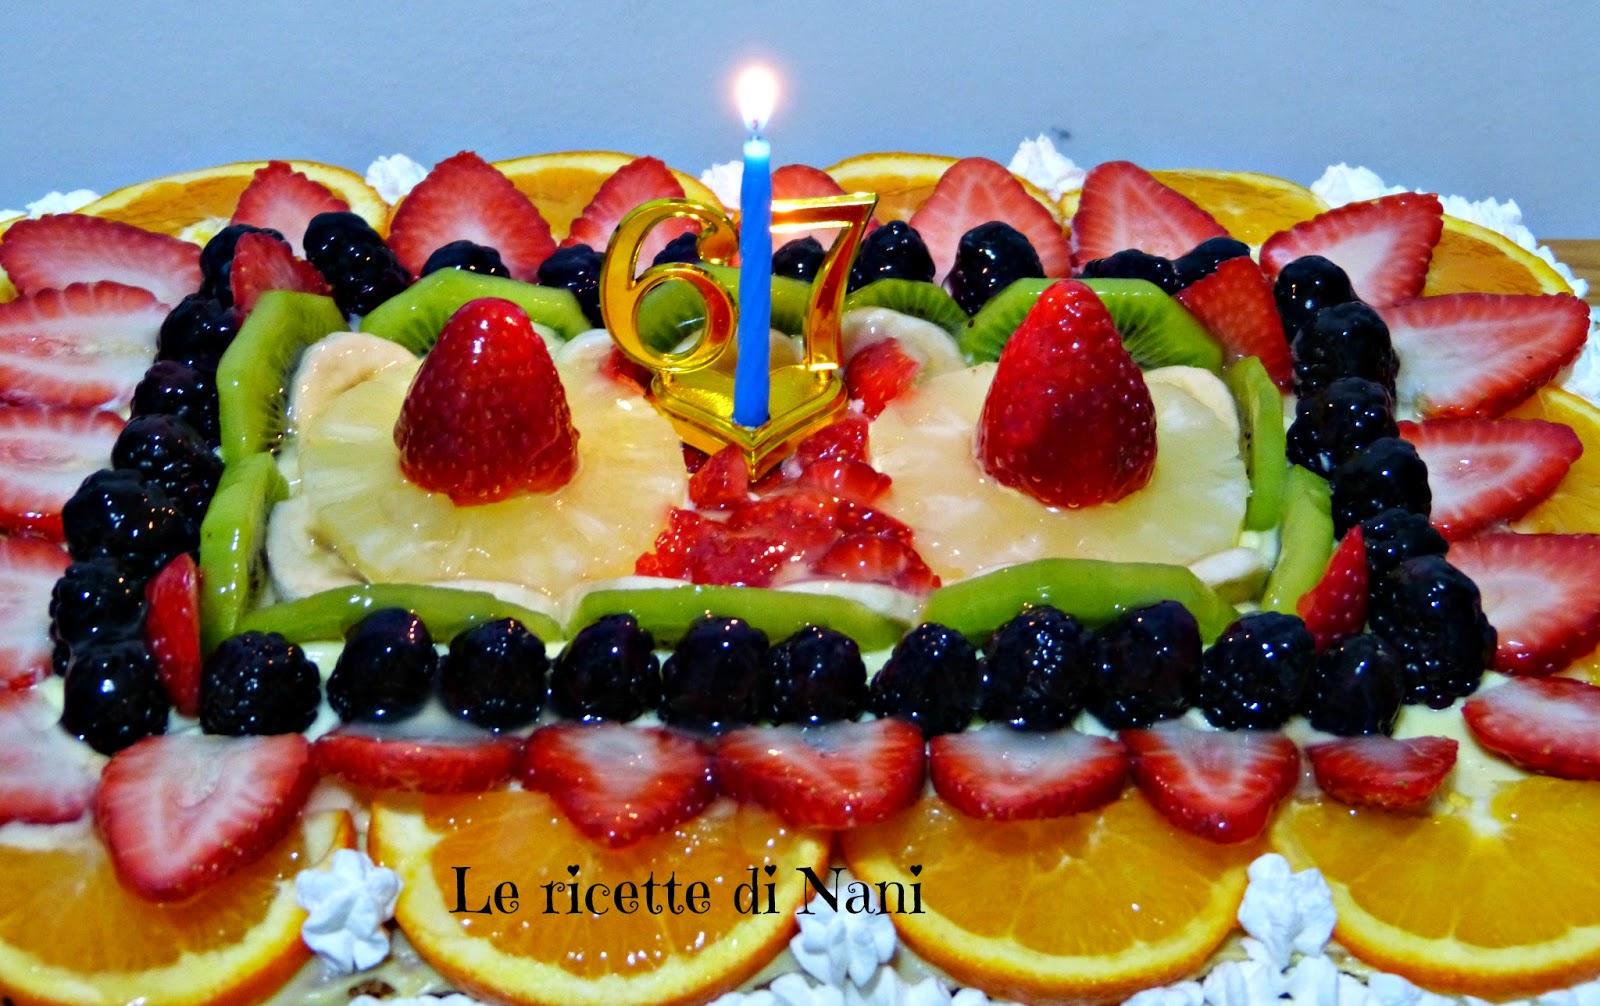 Decorazioni Buffet Frutta : Le ricette di nani: torta decorata con la frutta per il compleanno